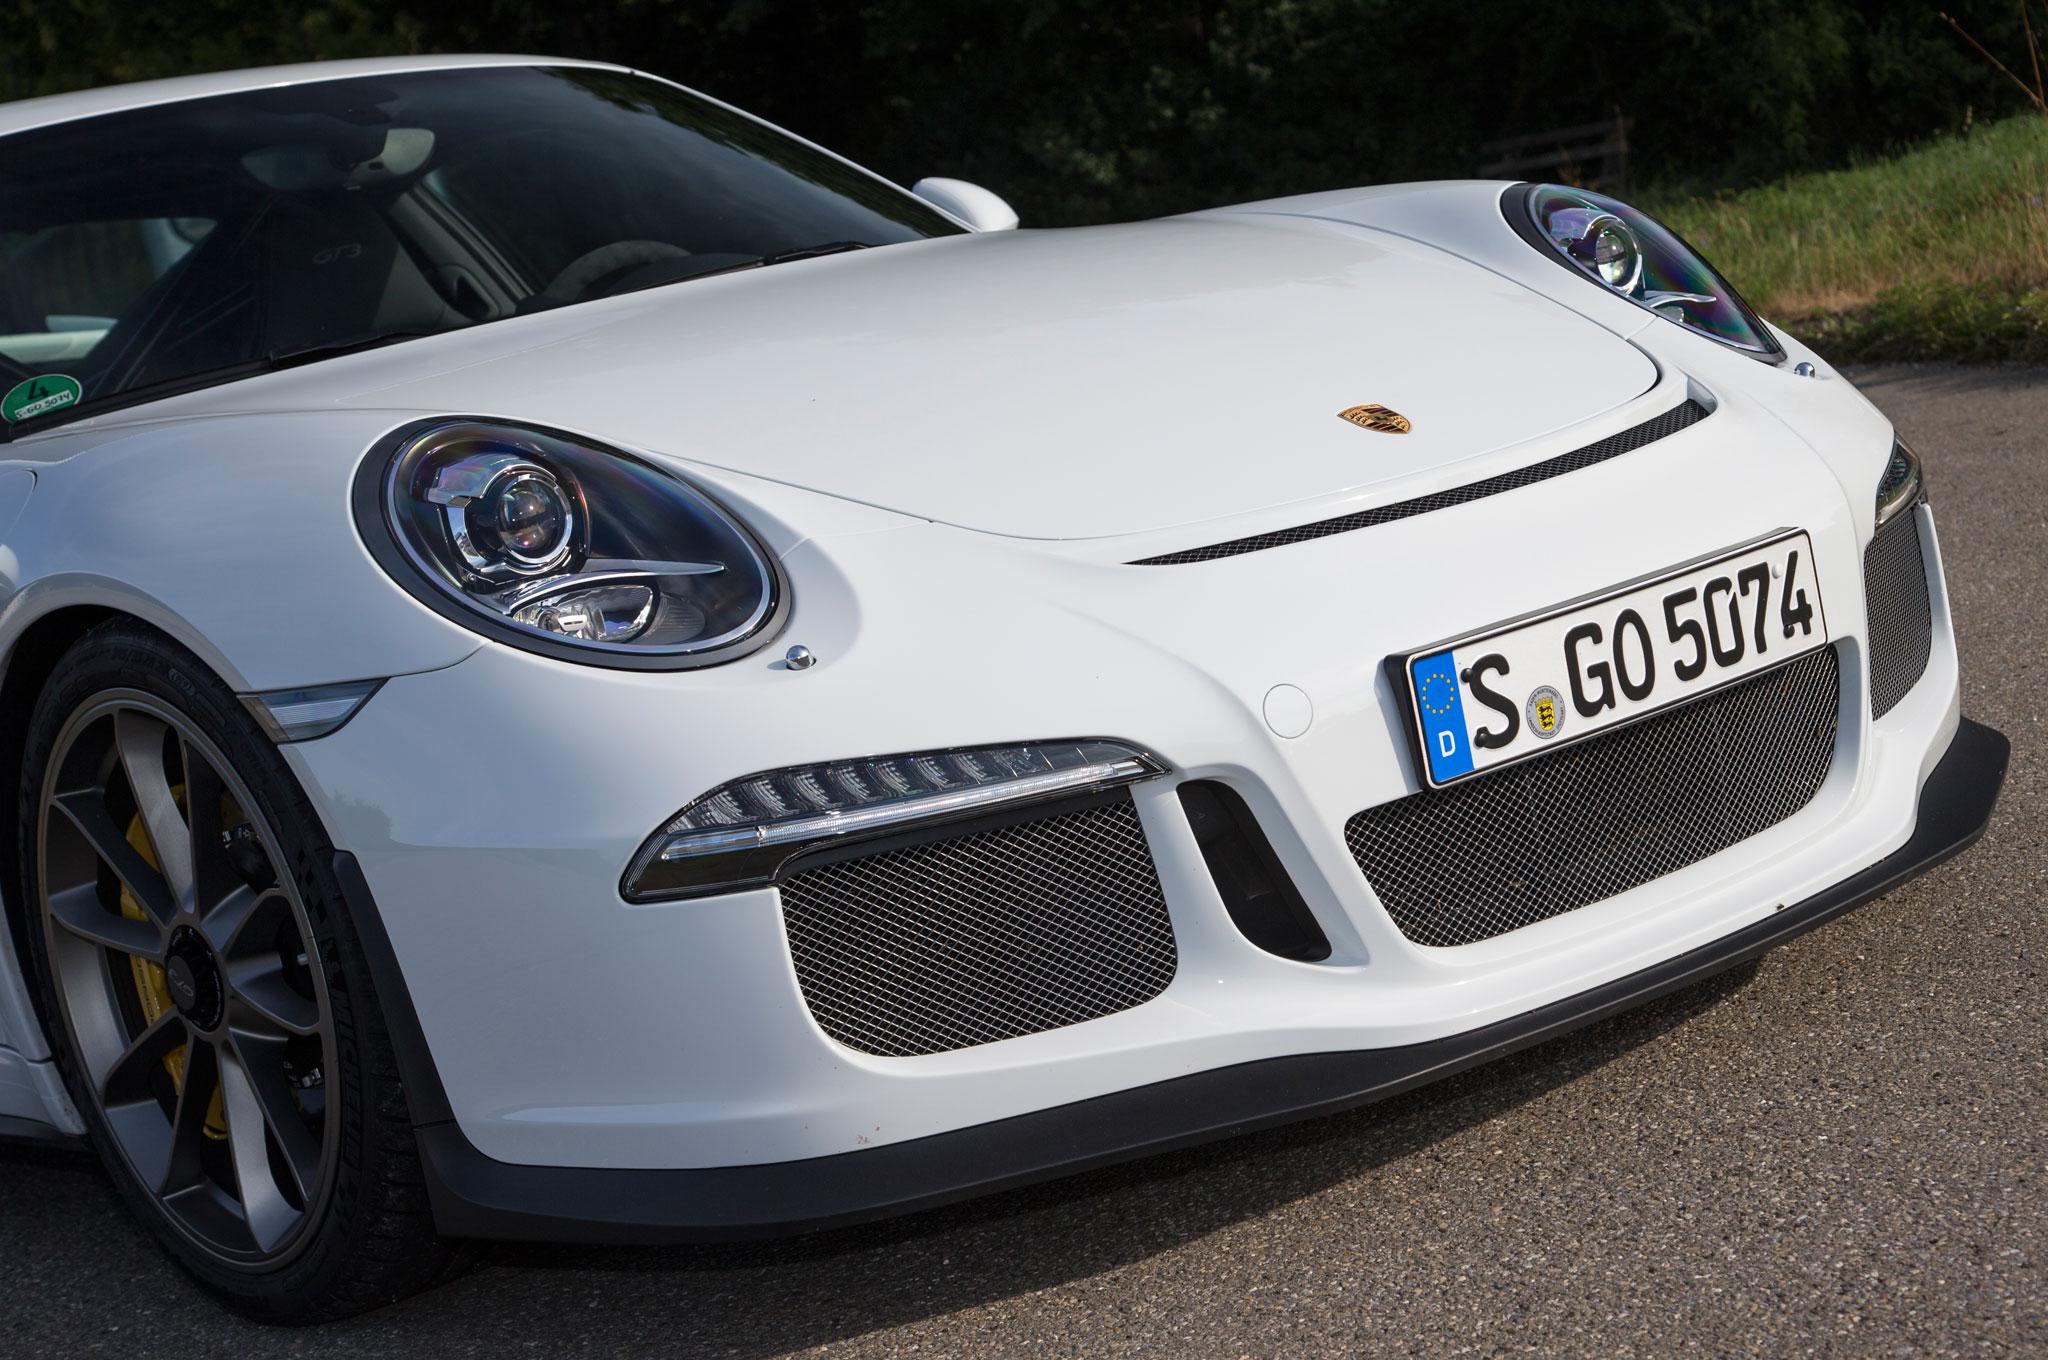 2014 Porsche Cayman - Front | HD Wallpaper #6